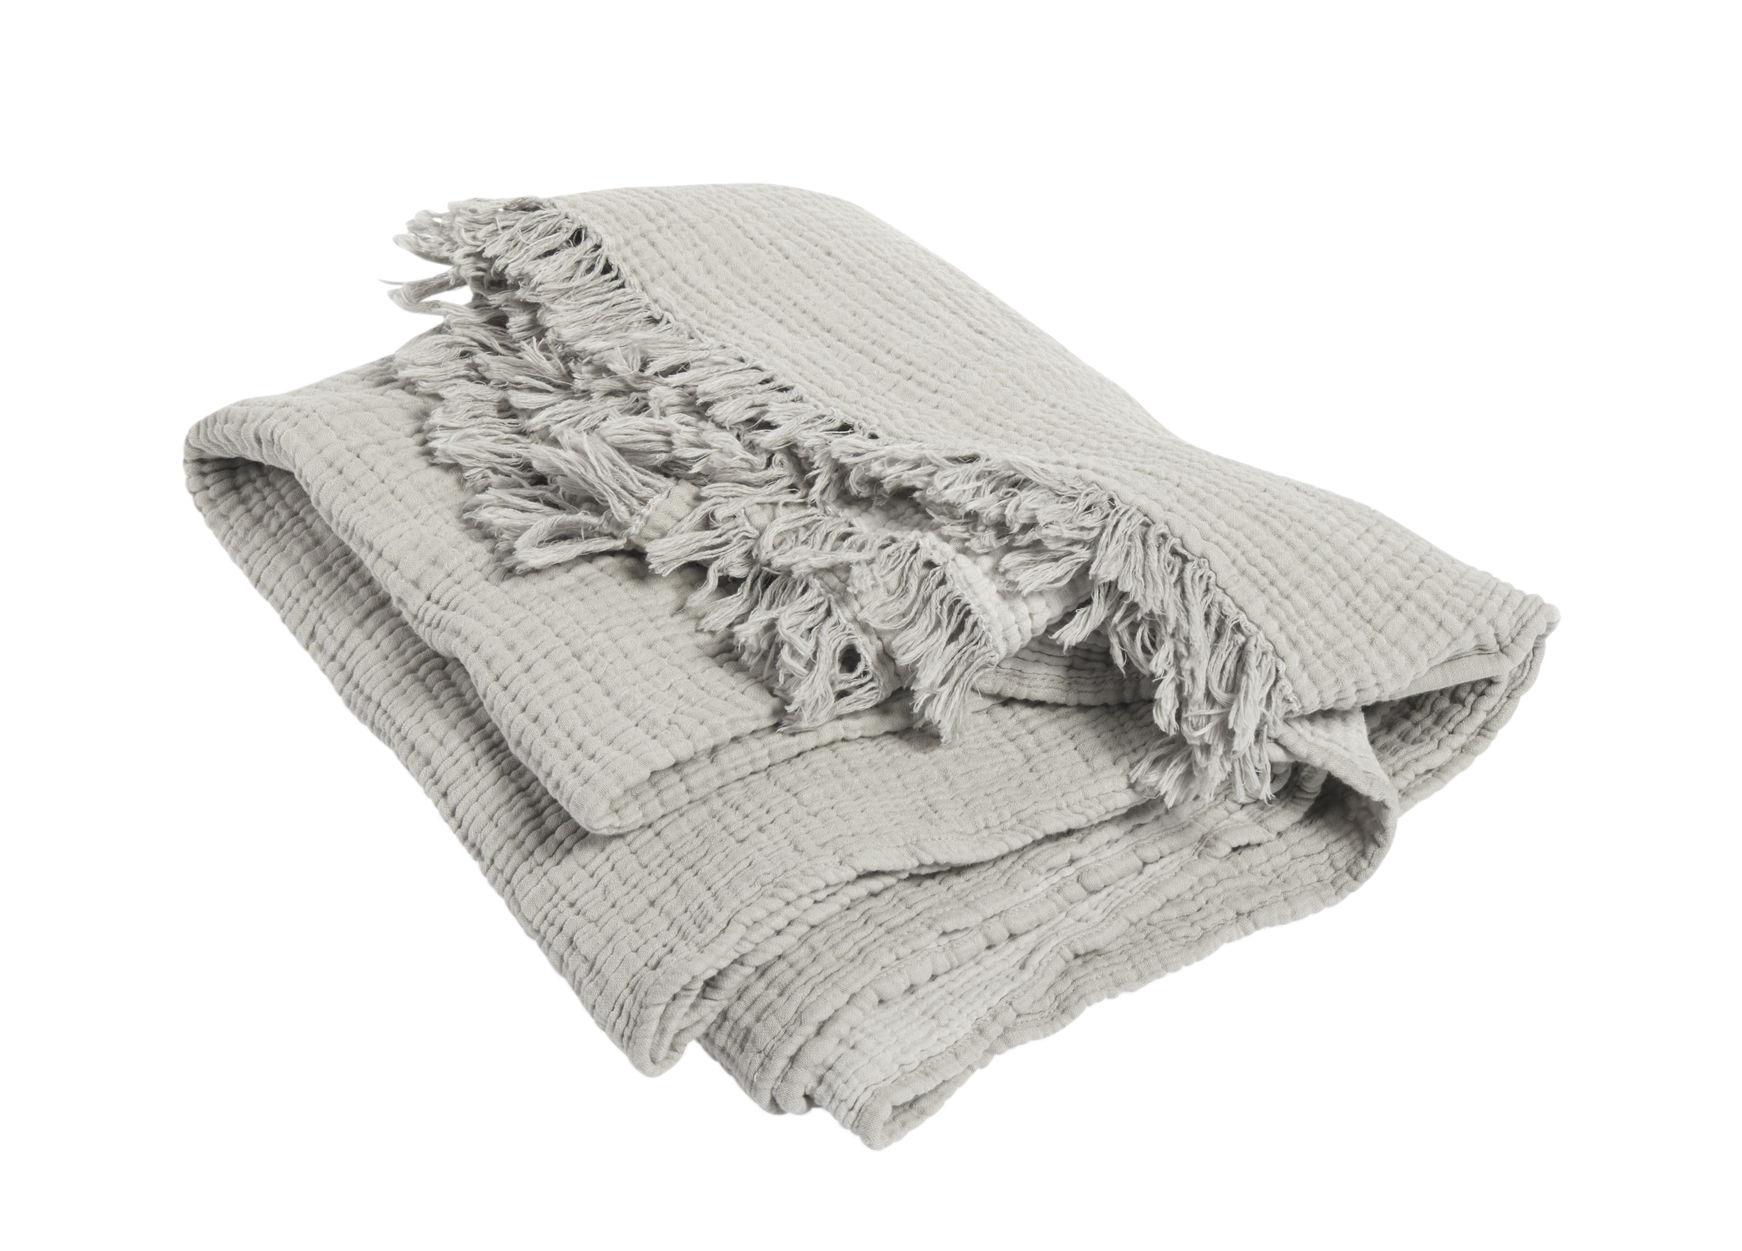 Déco - Textile - Plaid Crinkle / Coton plissé - 210 x 150 cm - Hay - Gris - Coton plissé